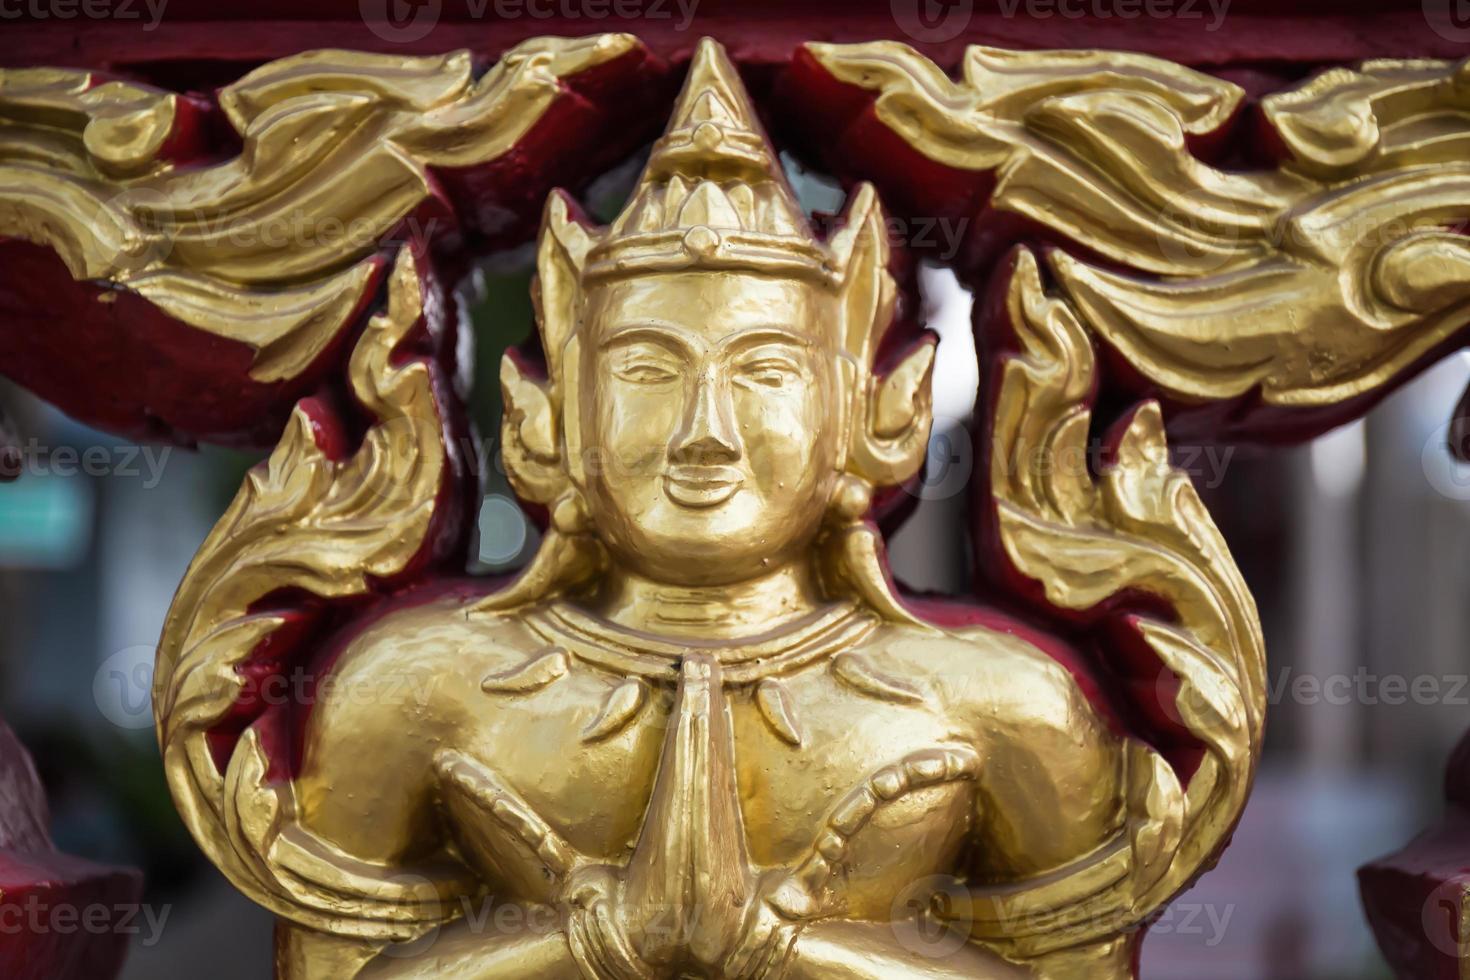 figura esculpida anjo budista em ação sawasdee foto